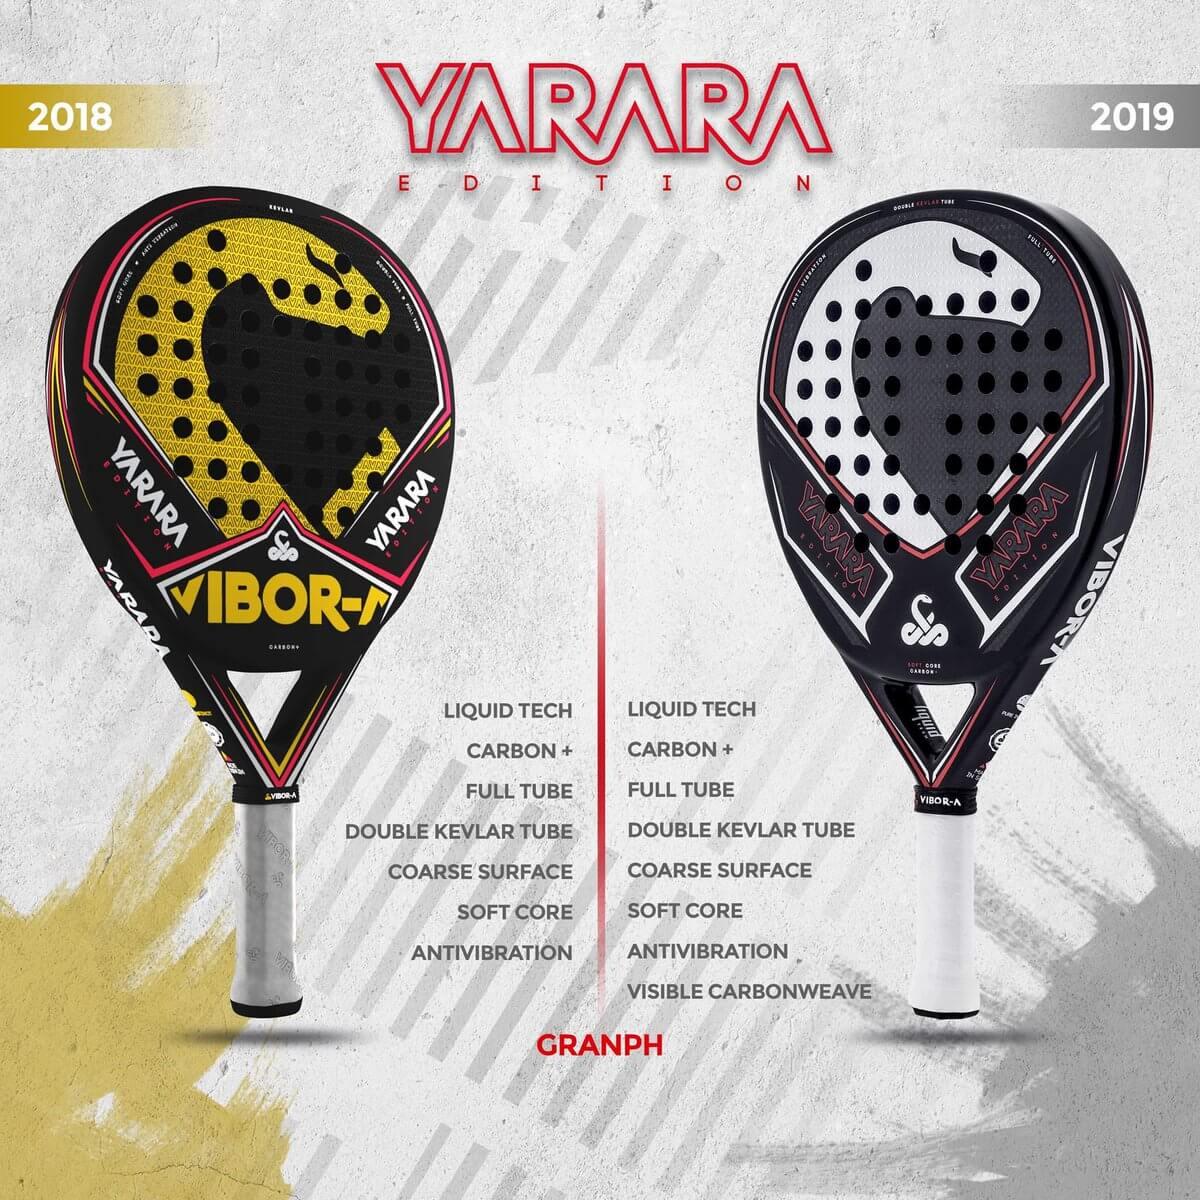 Vibora Yarara 2019